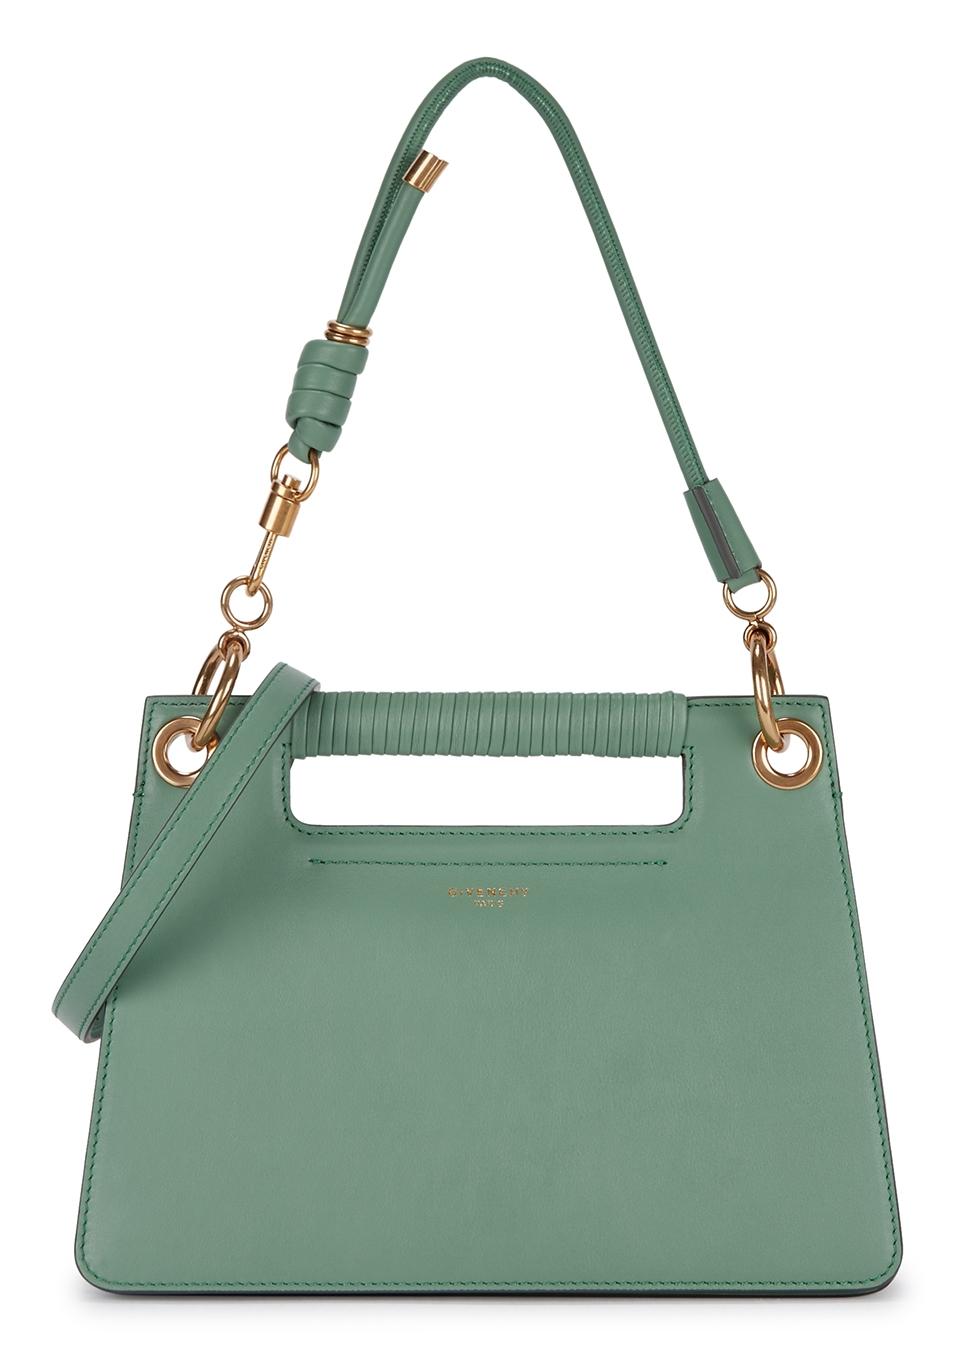 927e198771d9 Women s Designer Bags